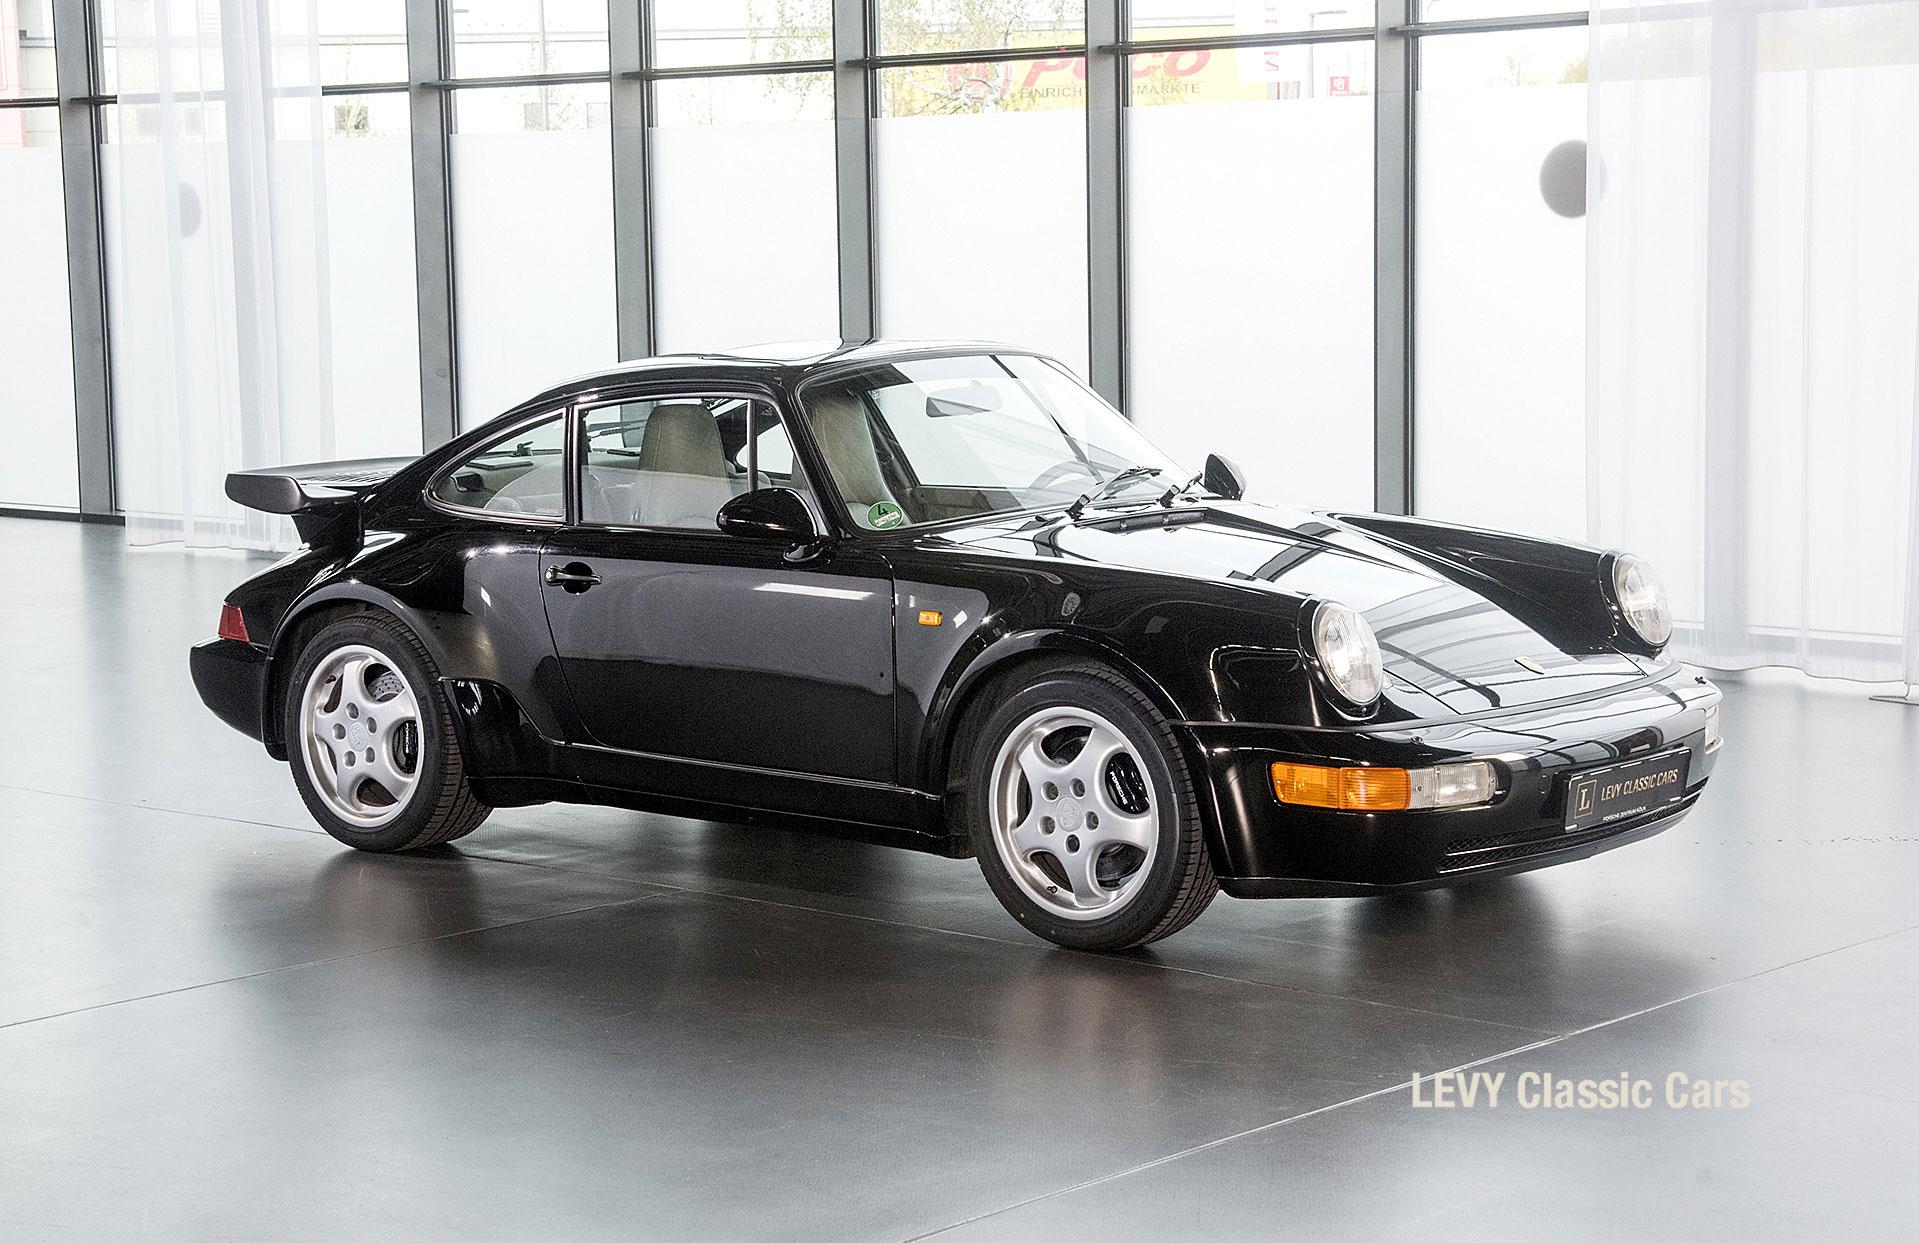 Porsche Turbo 72200 schwarz 37